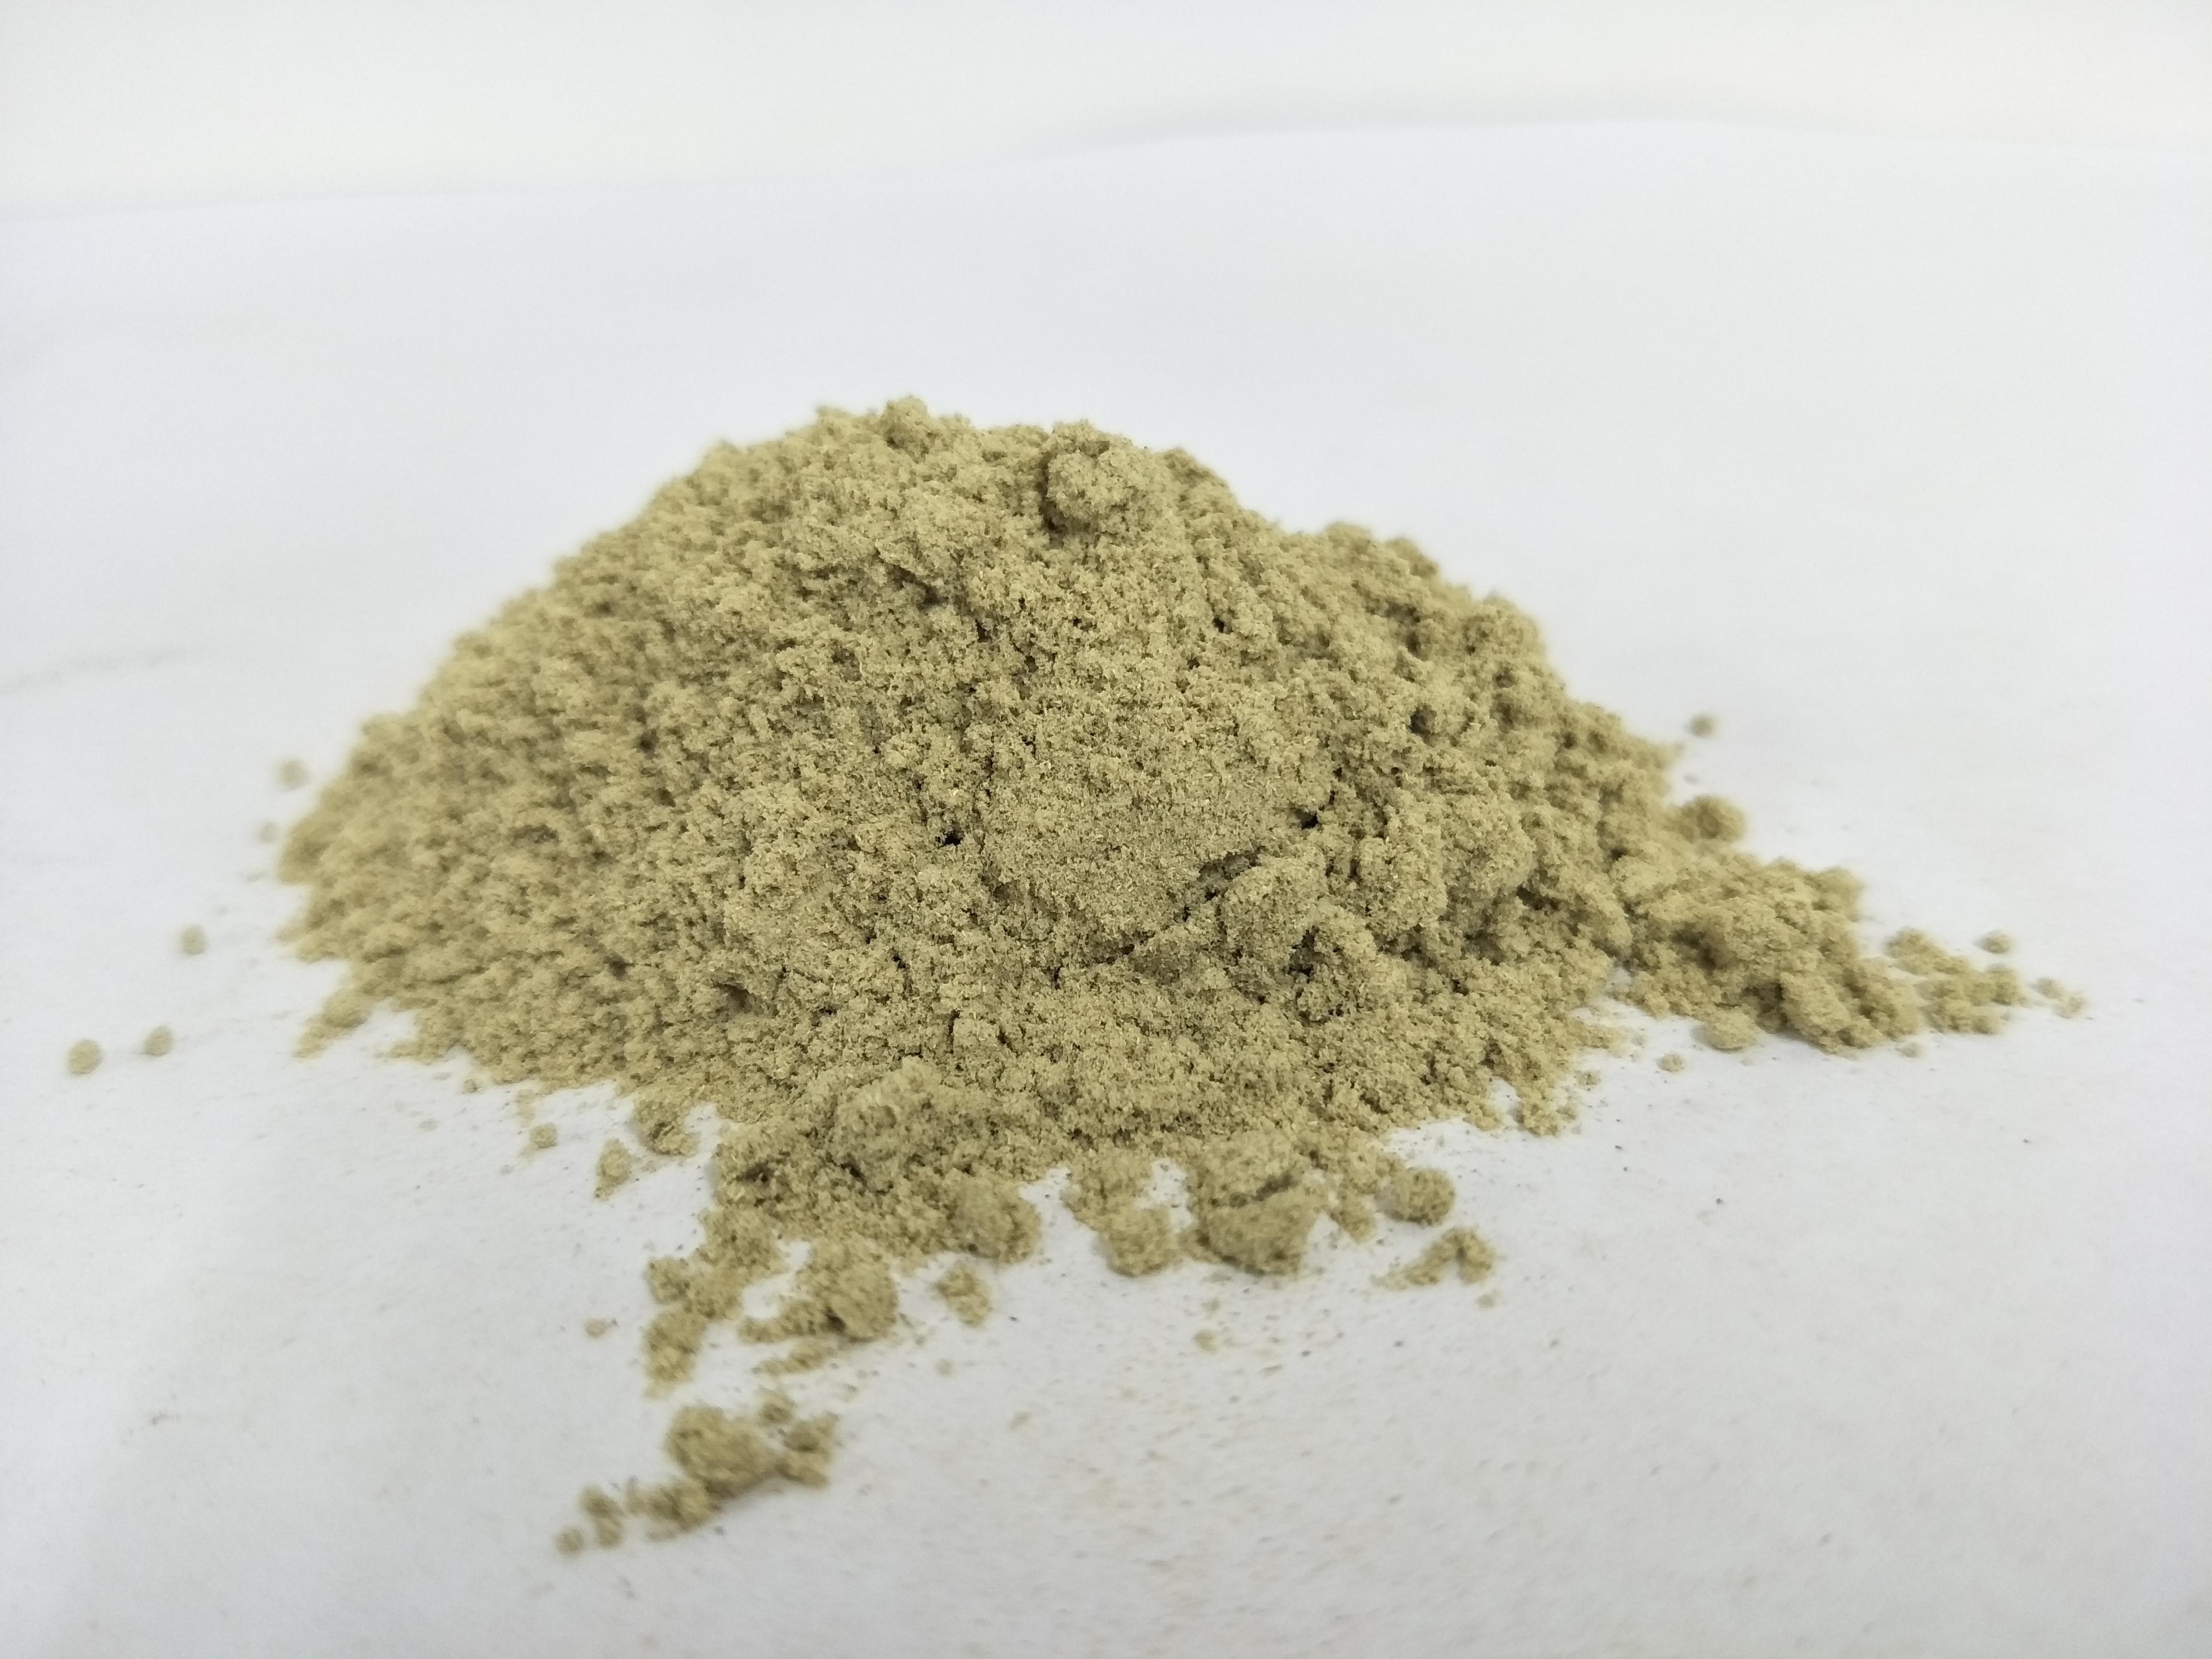 紫花苜宿細粉分裝 皂用色粉(植物粉) 手工皂 基礎原料 添加物 請勿食用 (50g、100g、500g)